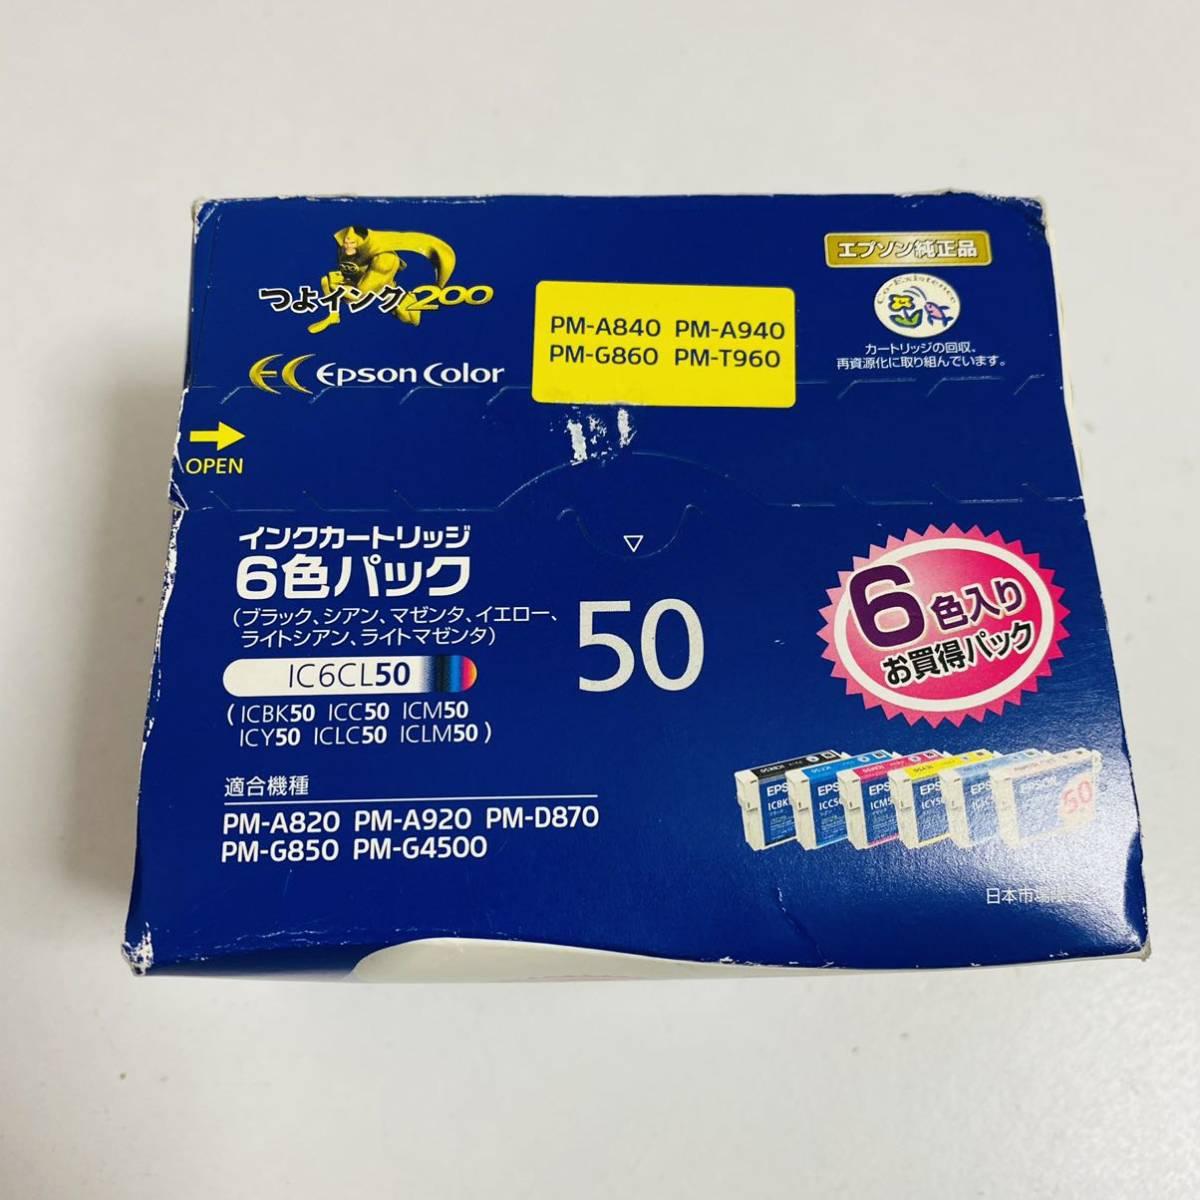 【未開封品】EPSON エプソン 純正インクカートリッジ 6色パック IC6CL50 期限切れ_画像2